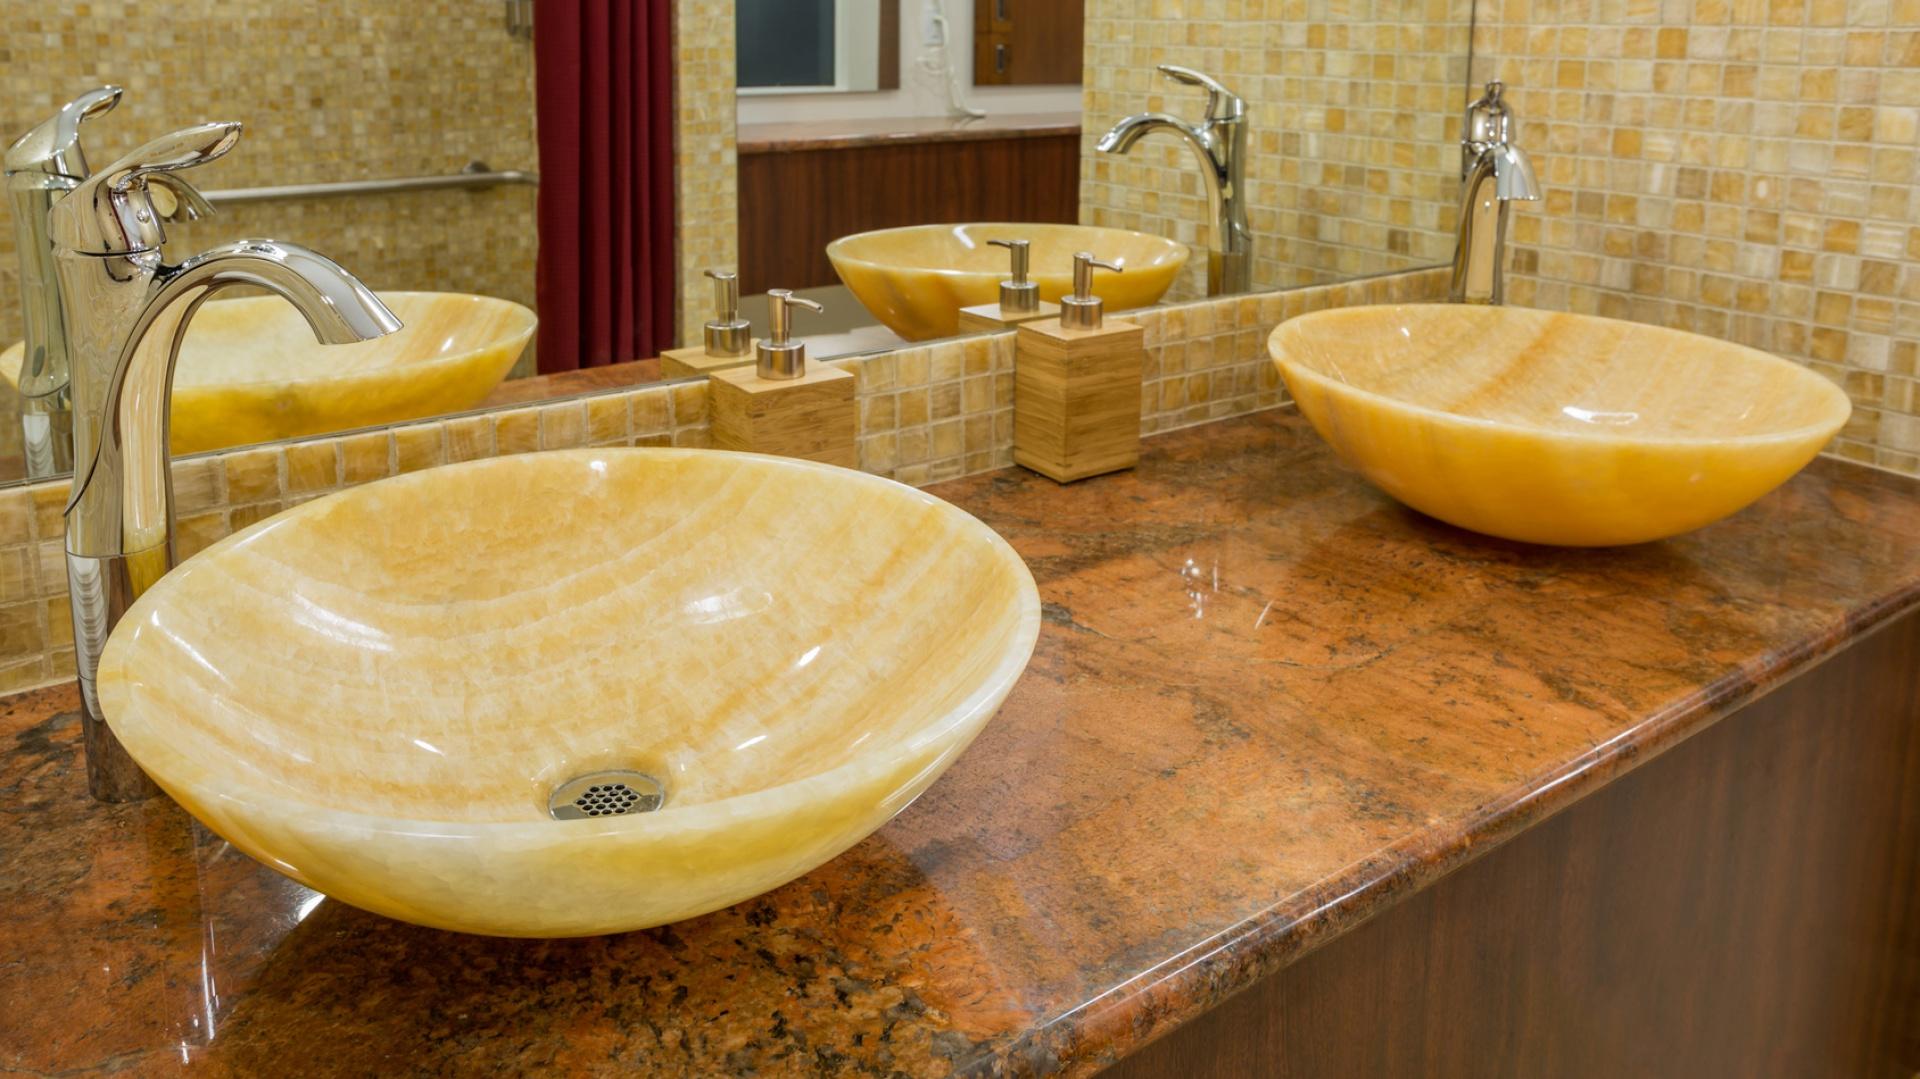 Kolekcja kamiennych umywalek nablatowych marki InduStone zapiera dech w piersiach. Są to produkty rzadkie i niezwykle oryginalne. Fot. InduStone